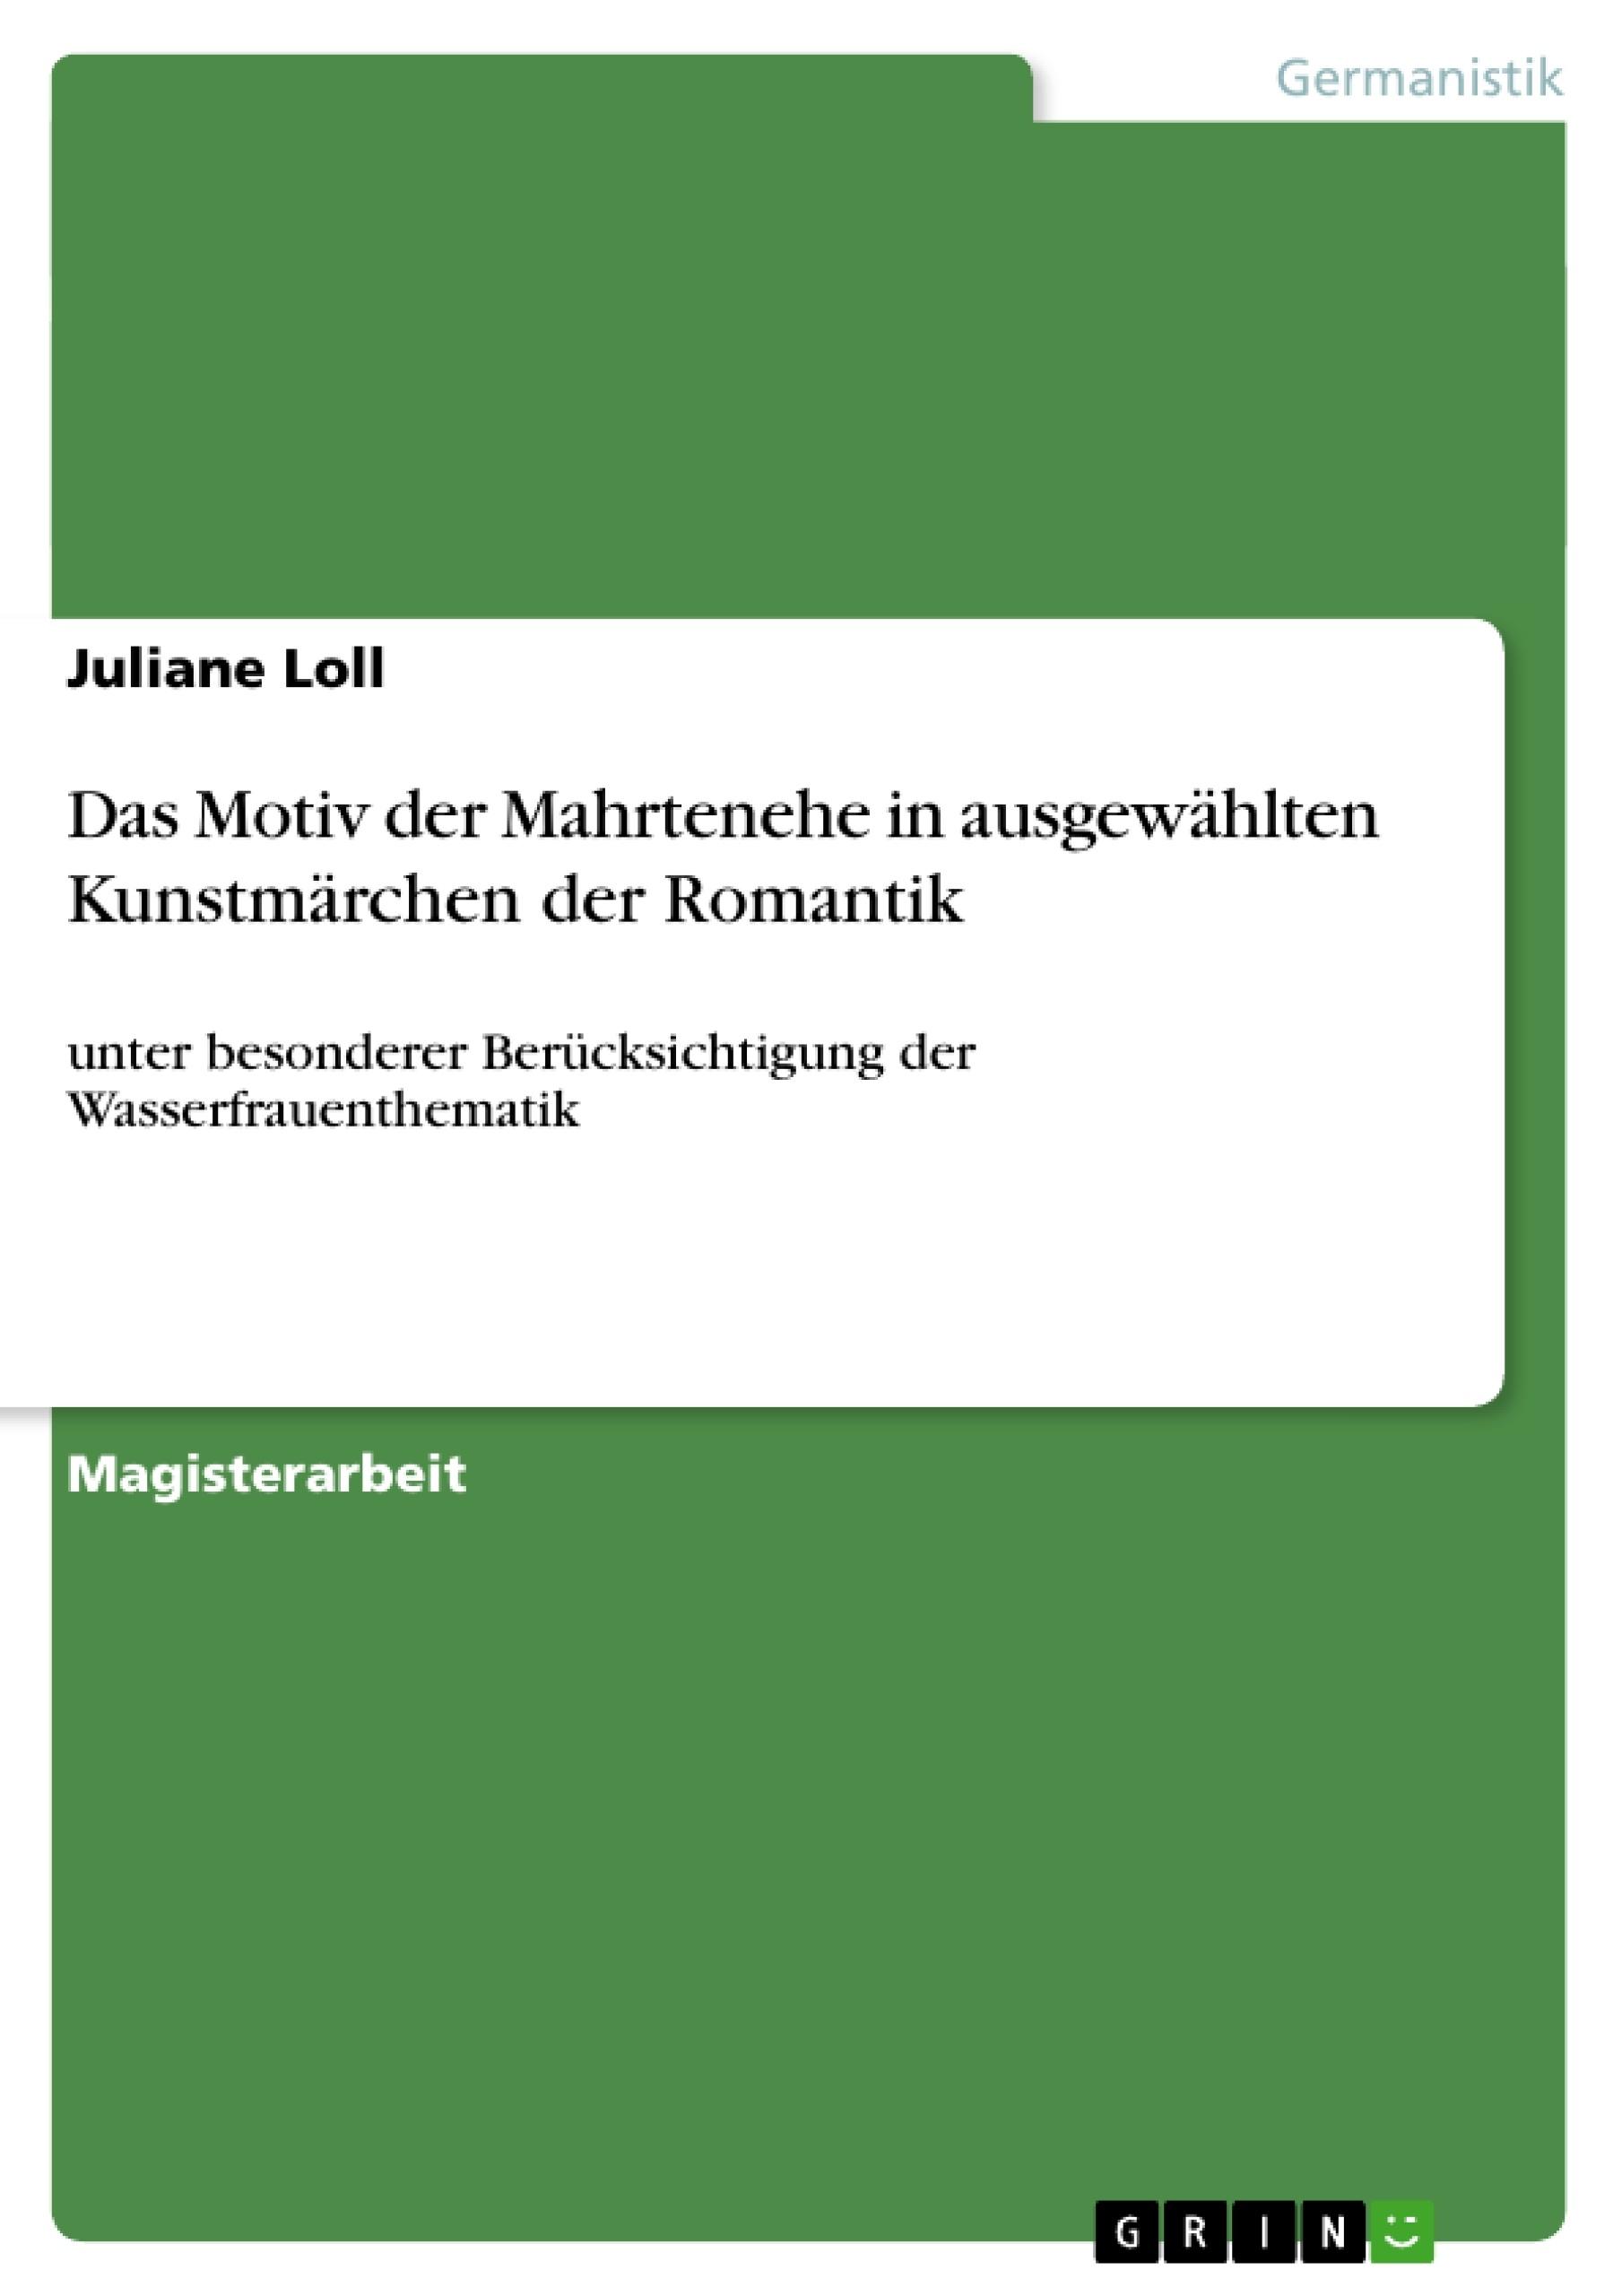 Titel: Das Motiv der Mahrtenehe in ausgewählten Kunstmärchen der Romantik